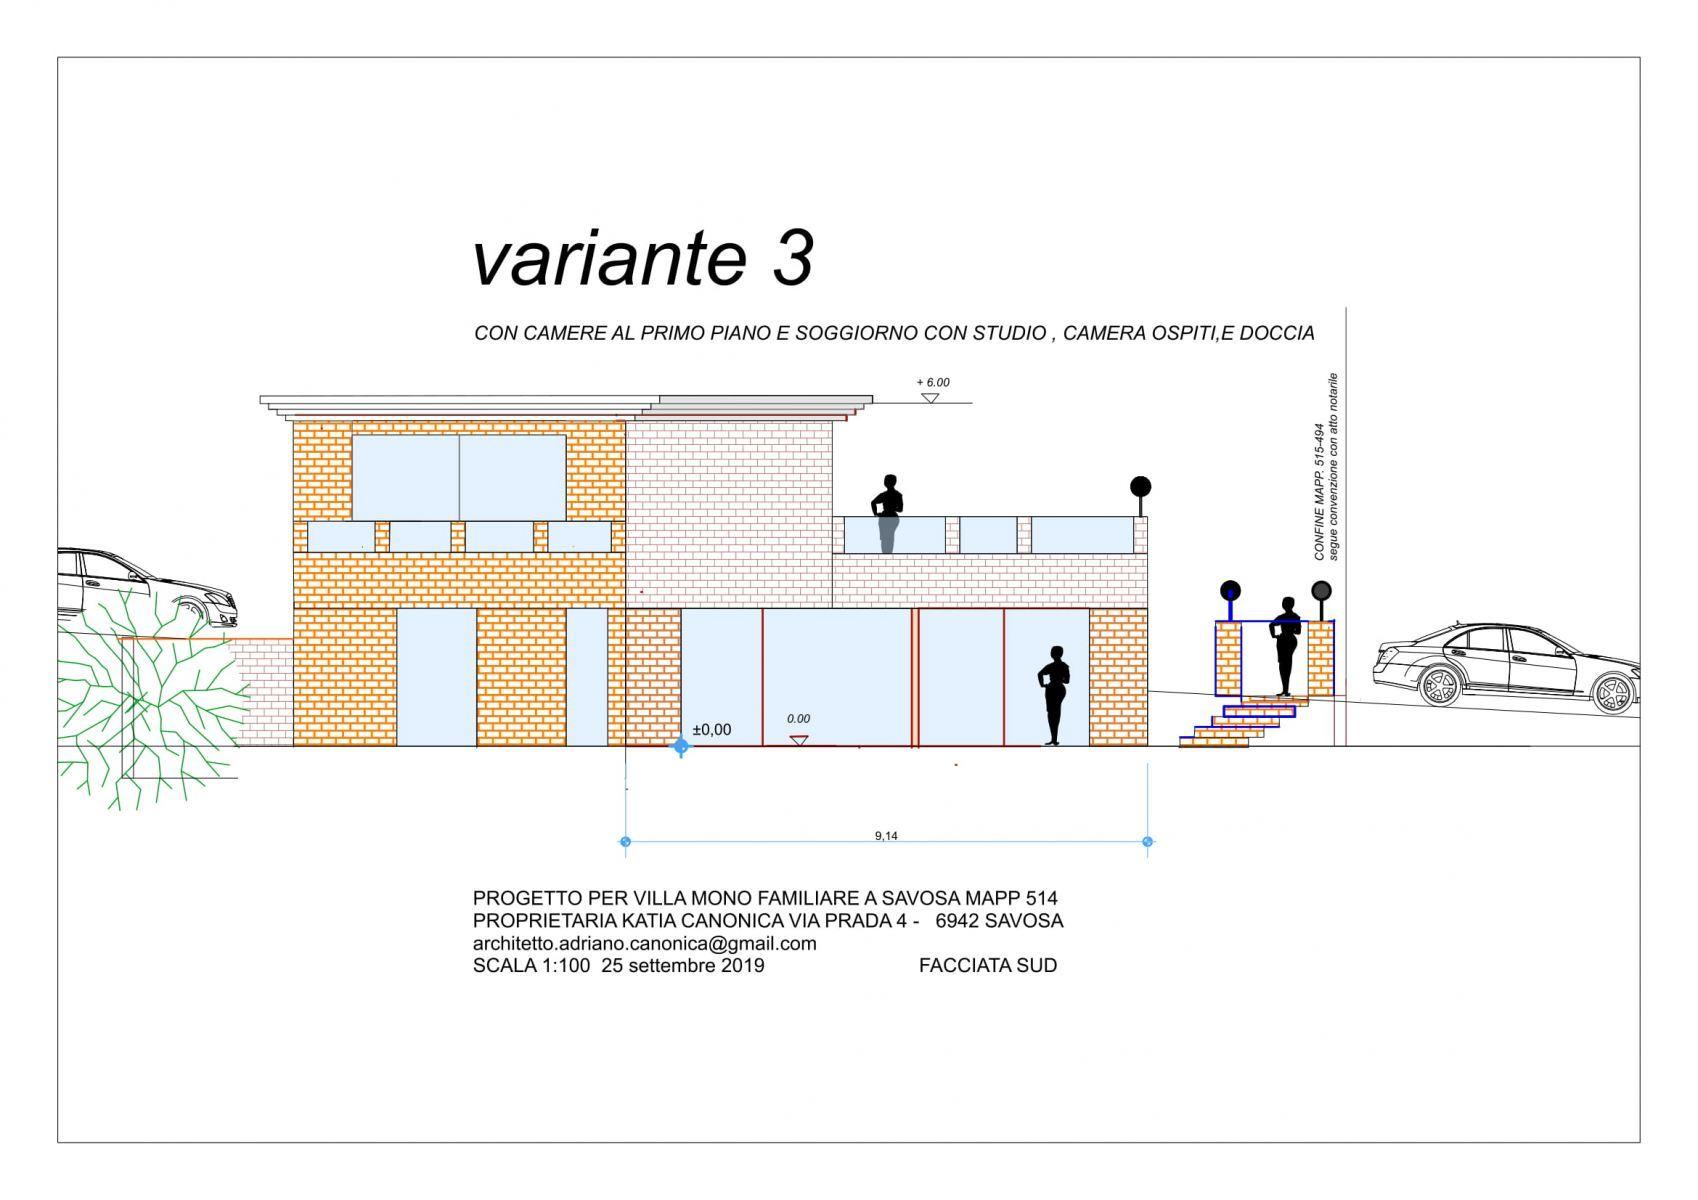 jacuzzi-terrazzo-facciata-sud-1-100-1